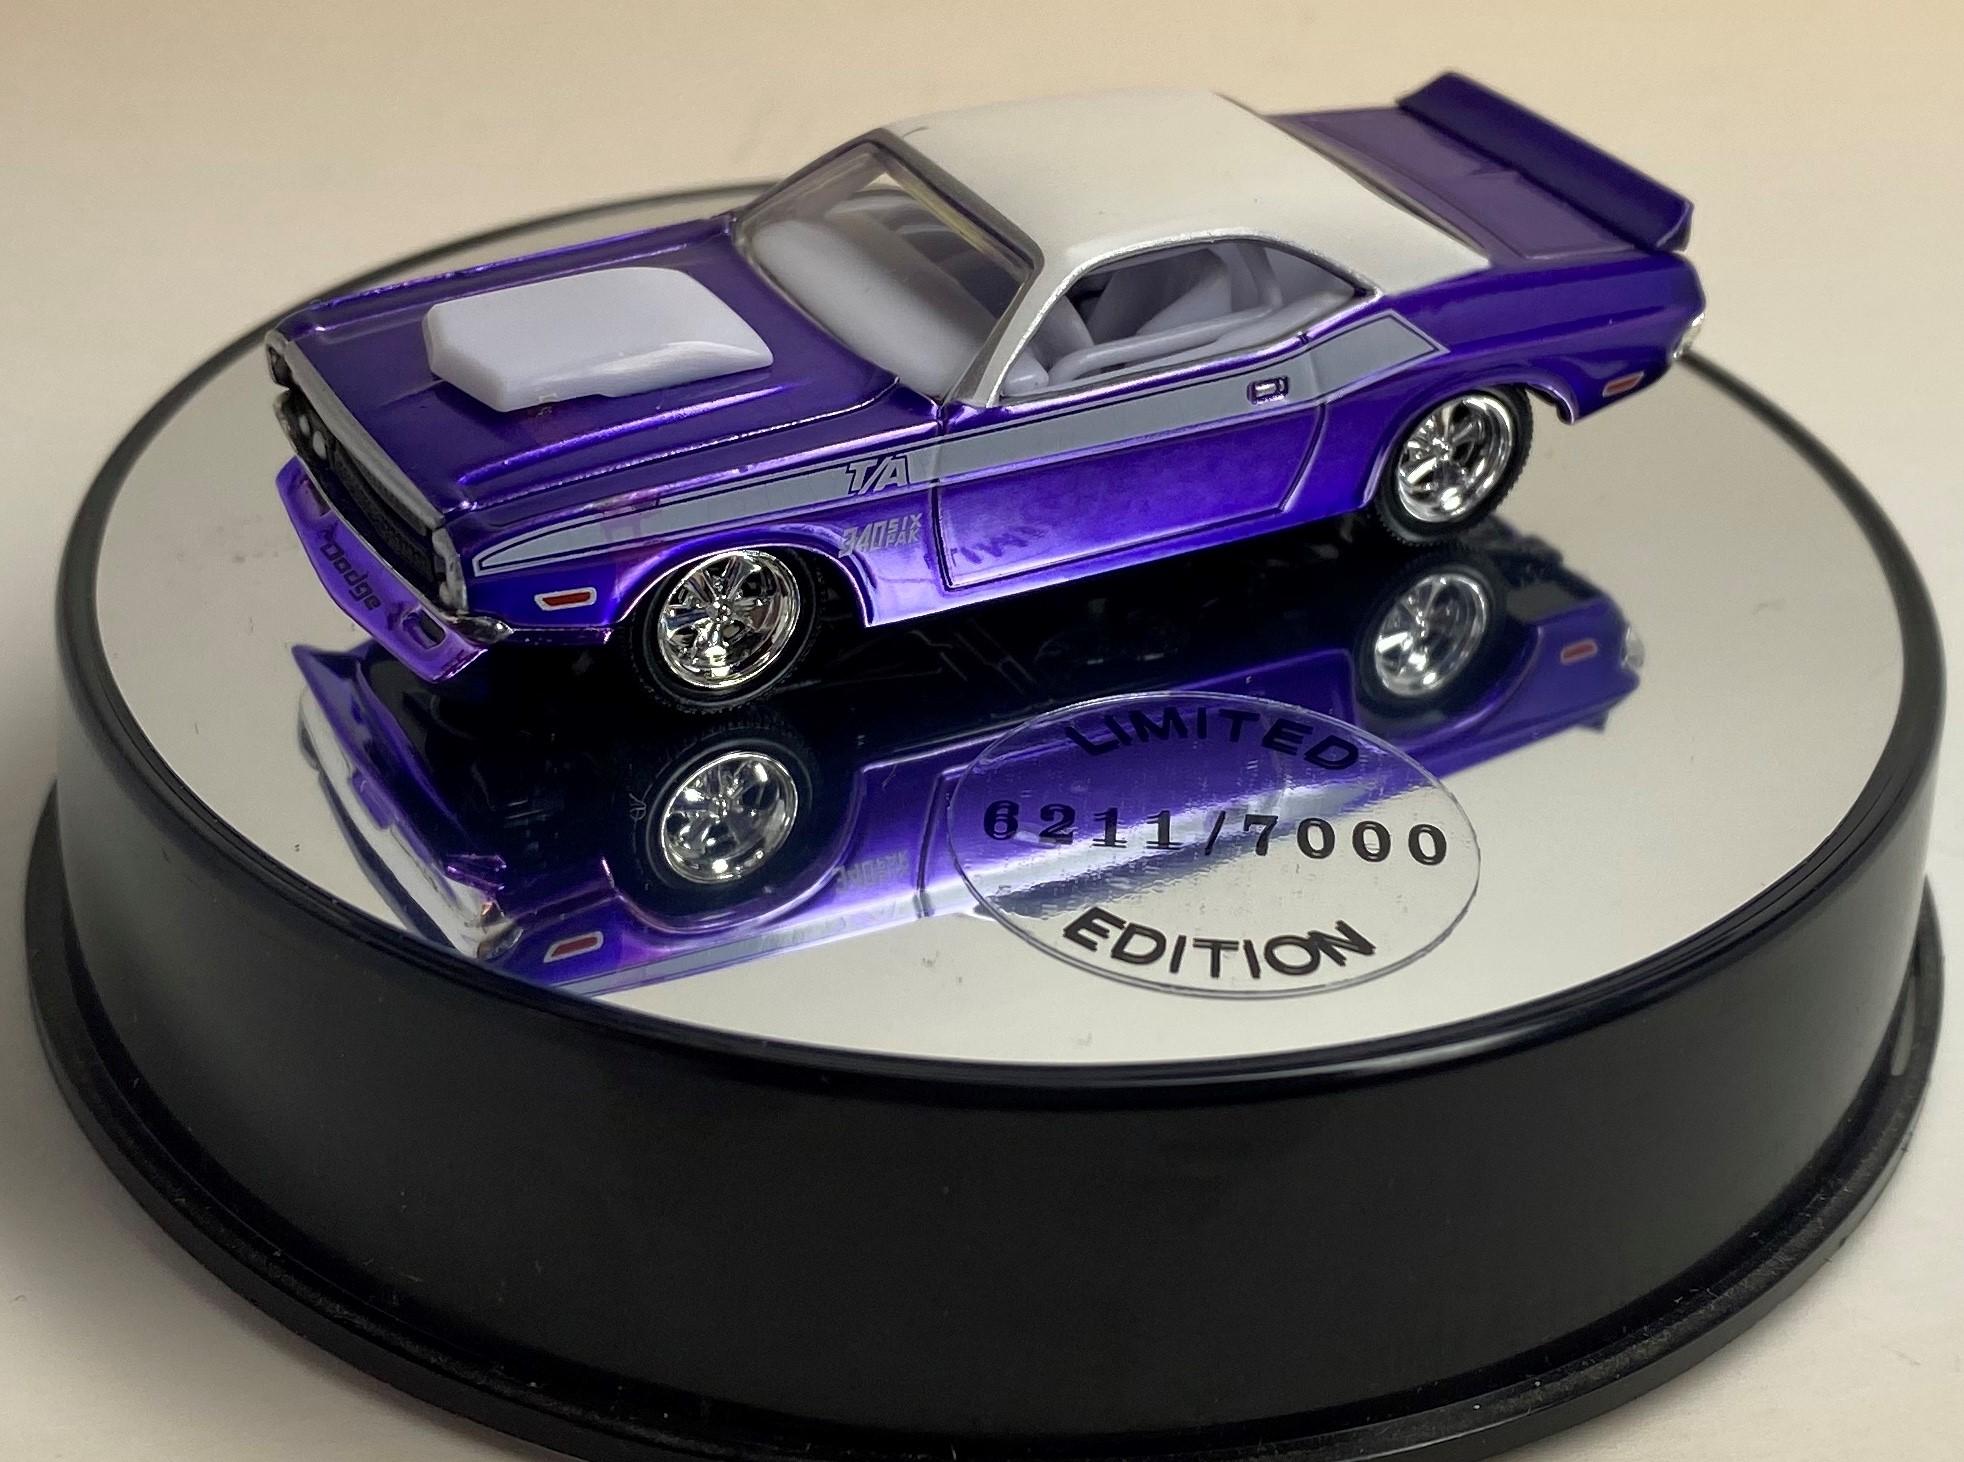 2005 Showcase Hot Wheels